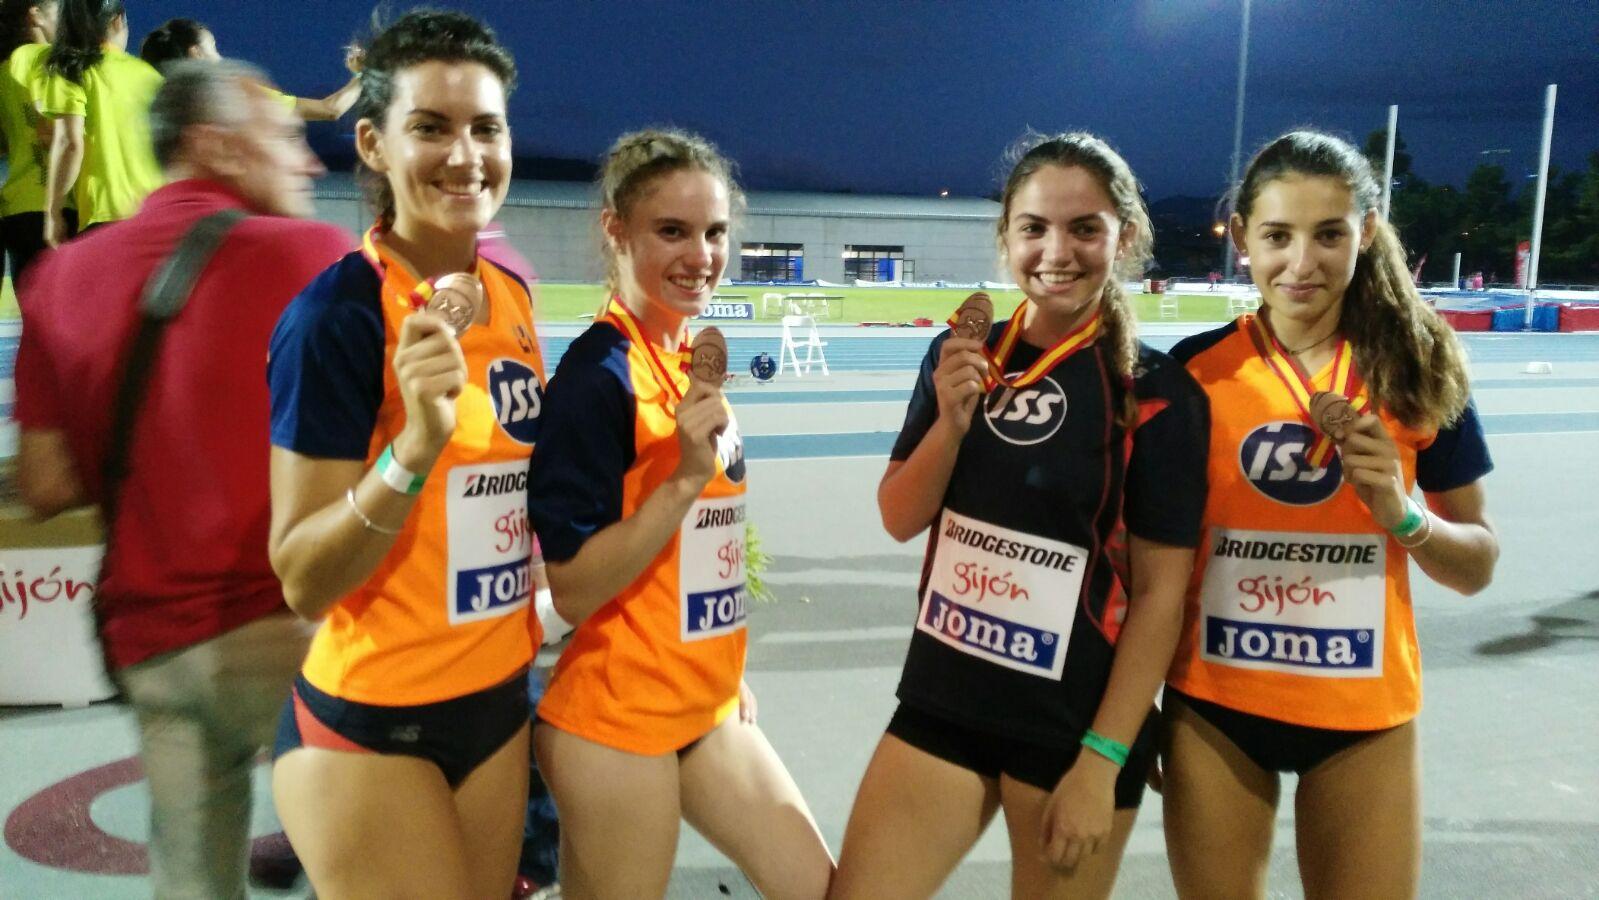 ISS Campionats d'Espanya 2016